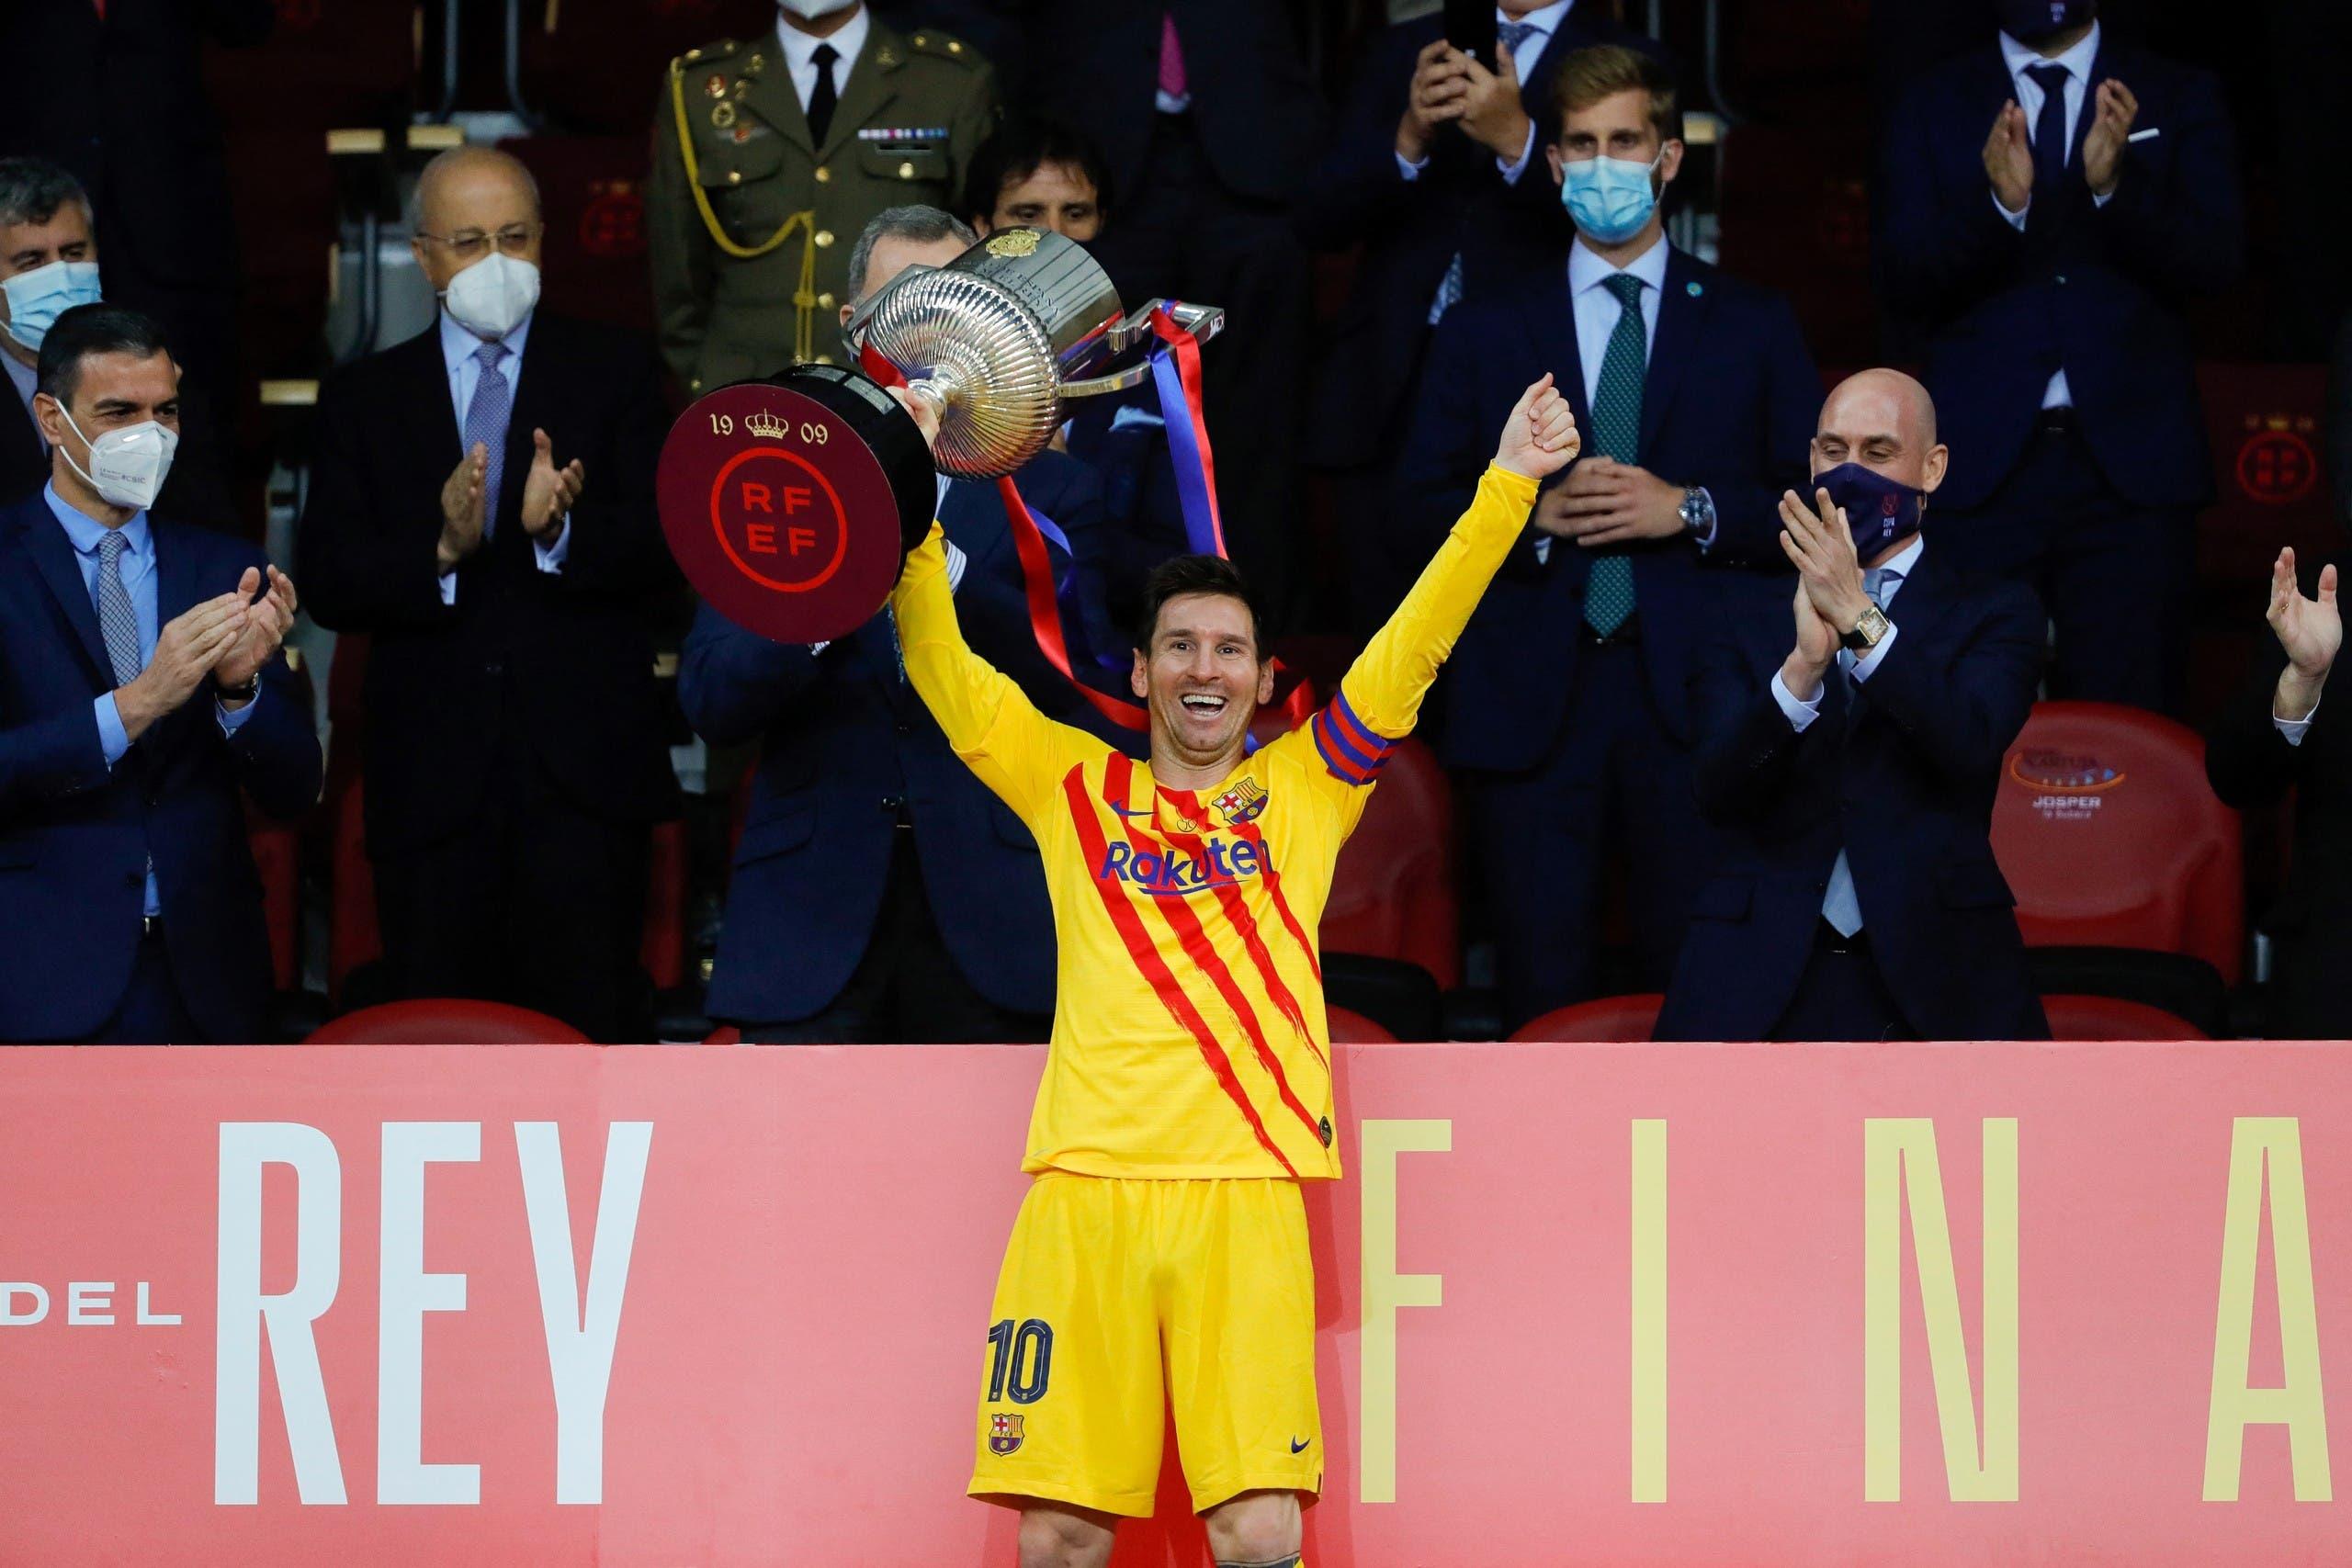 آخر بطولة حققها ميسي مع برشلونة